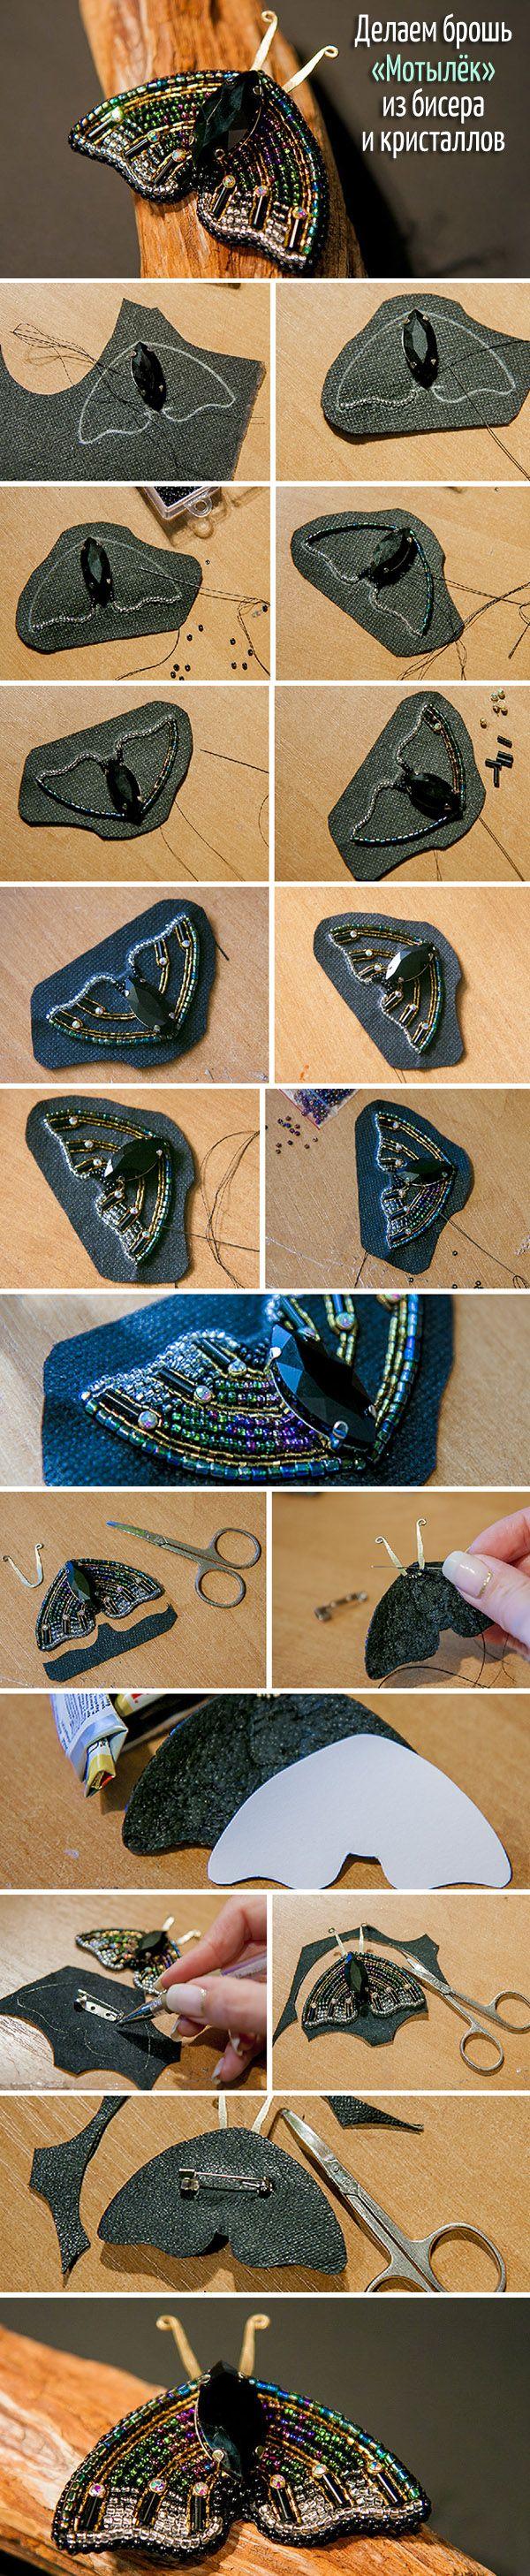 Процесс создания вышитой броши из бисера и кристаллов #diy #tutorial #beads…